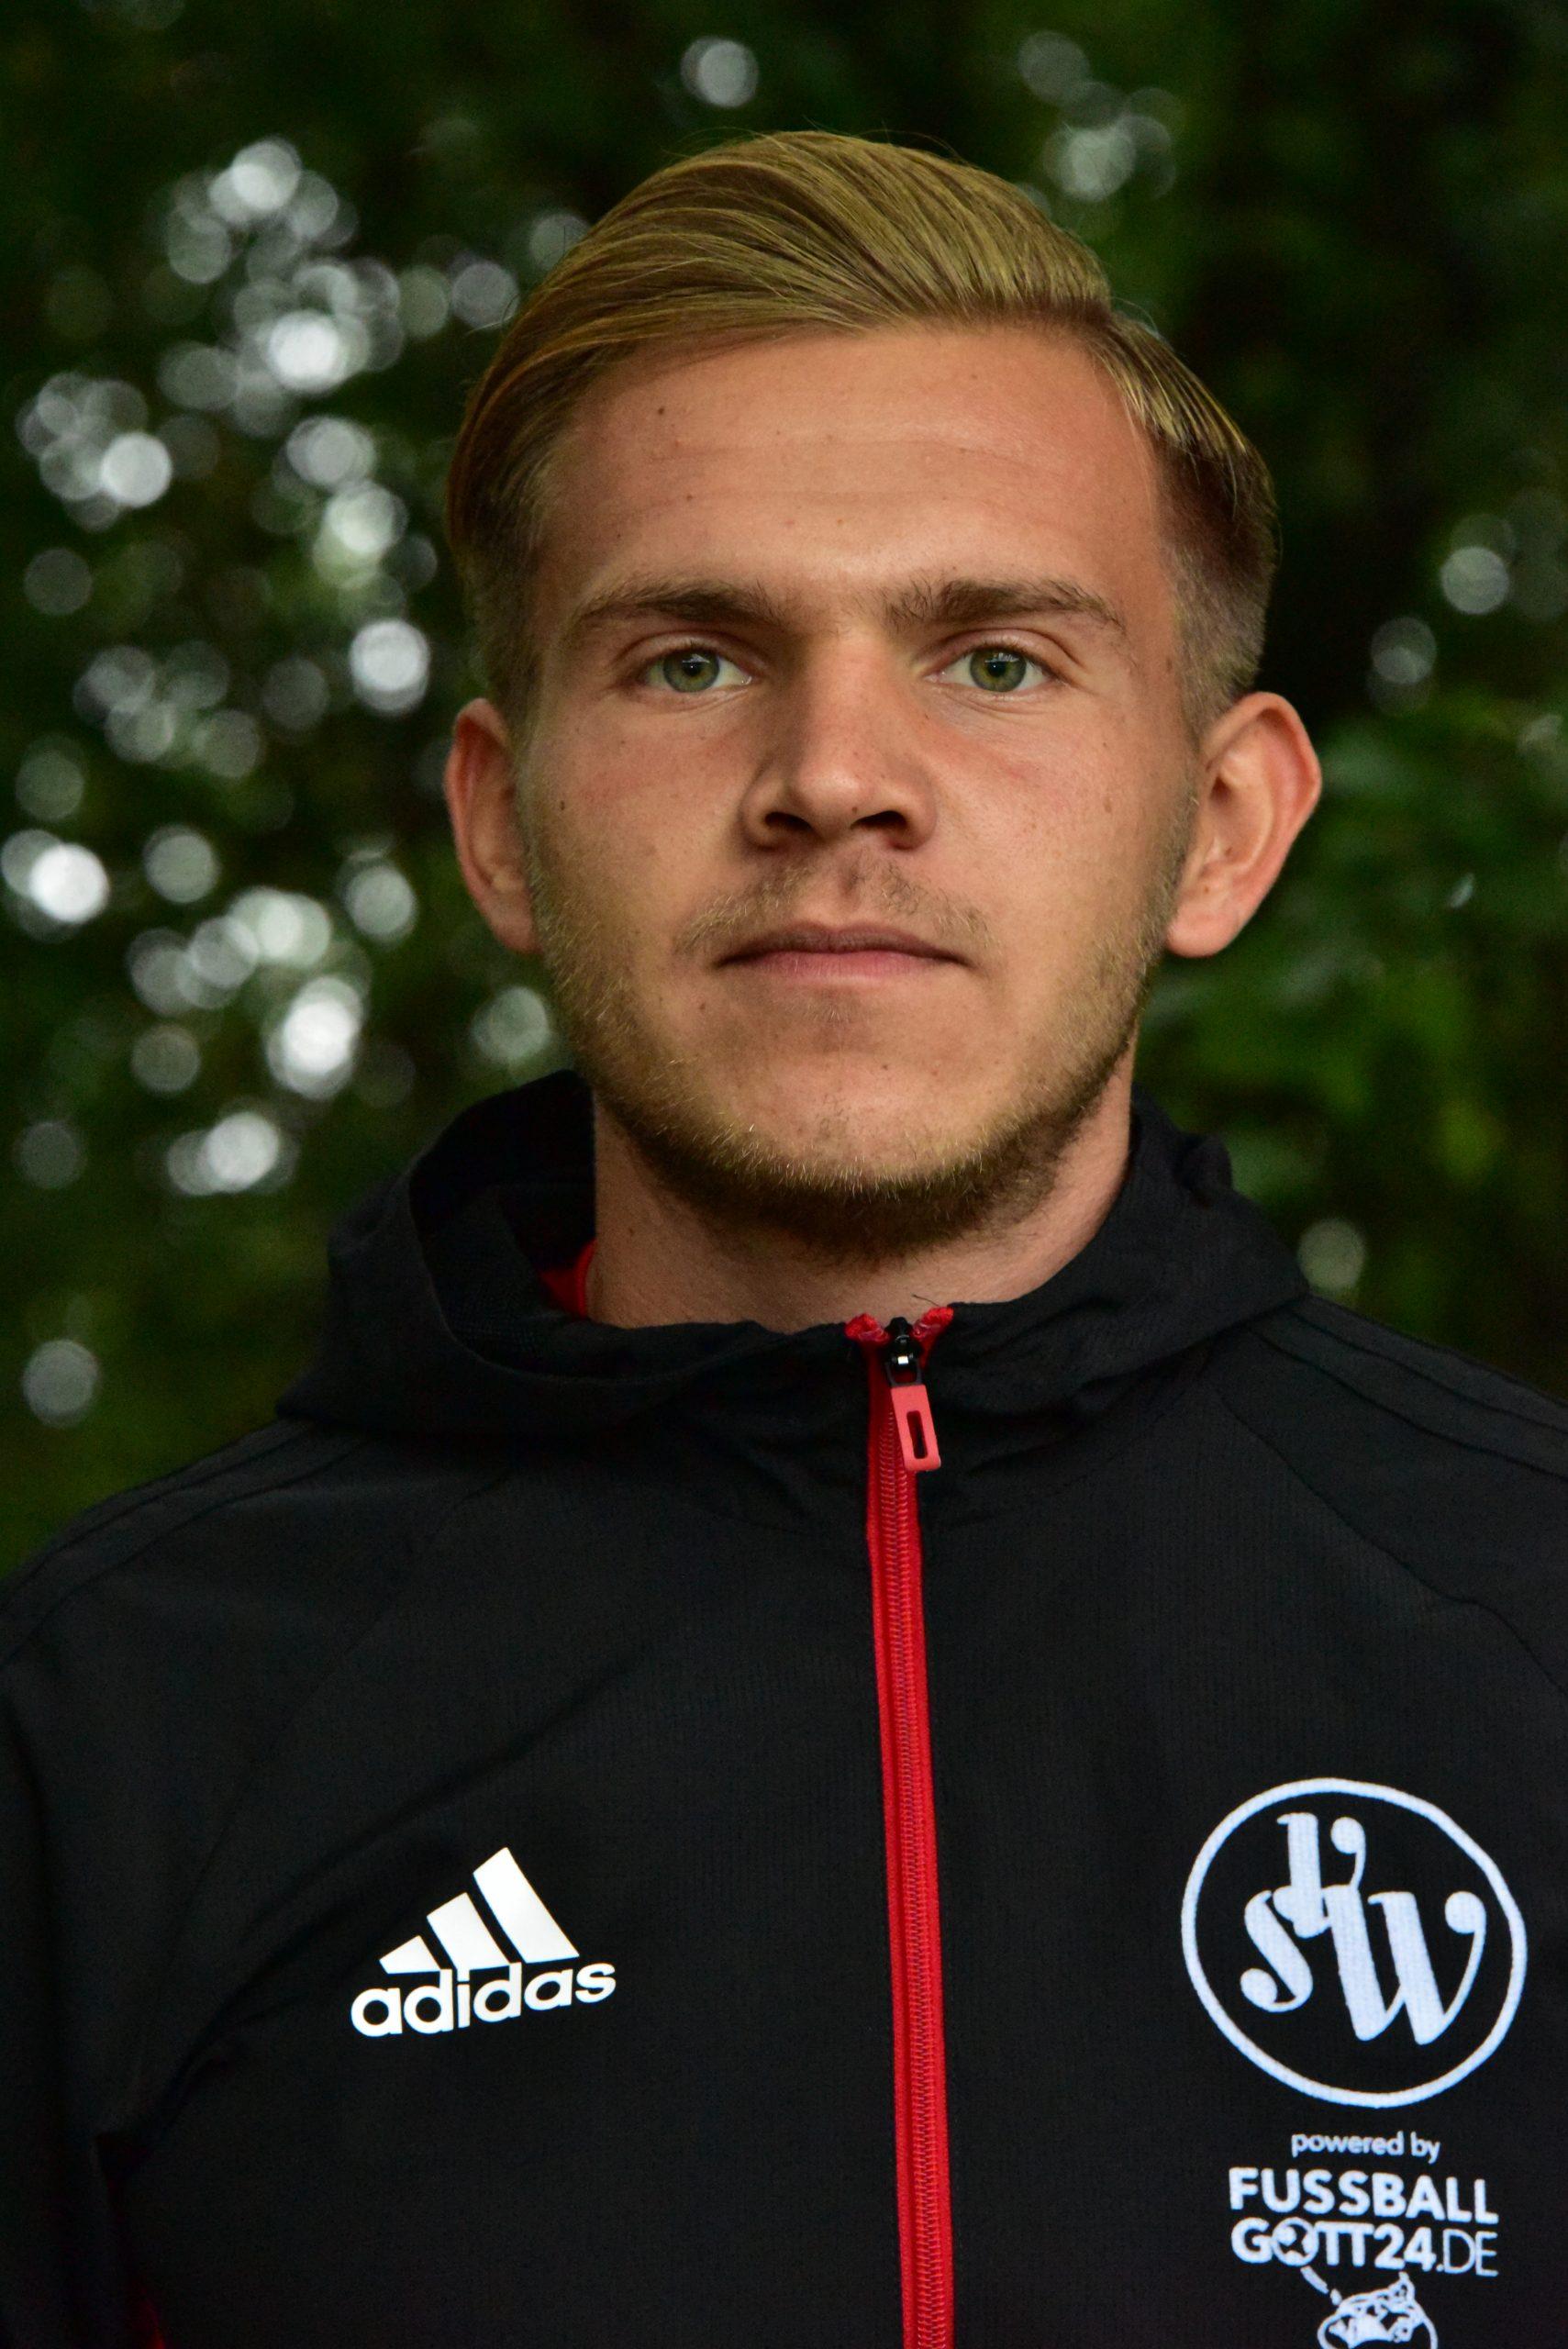 Nik Baumhoff